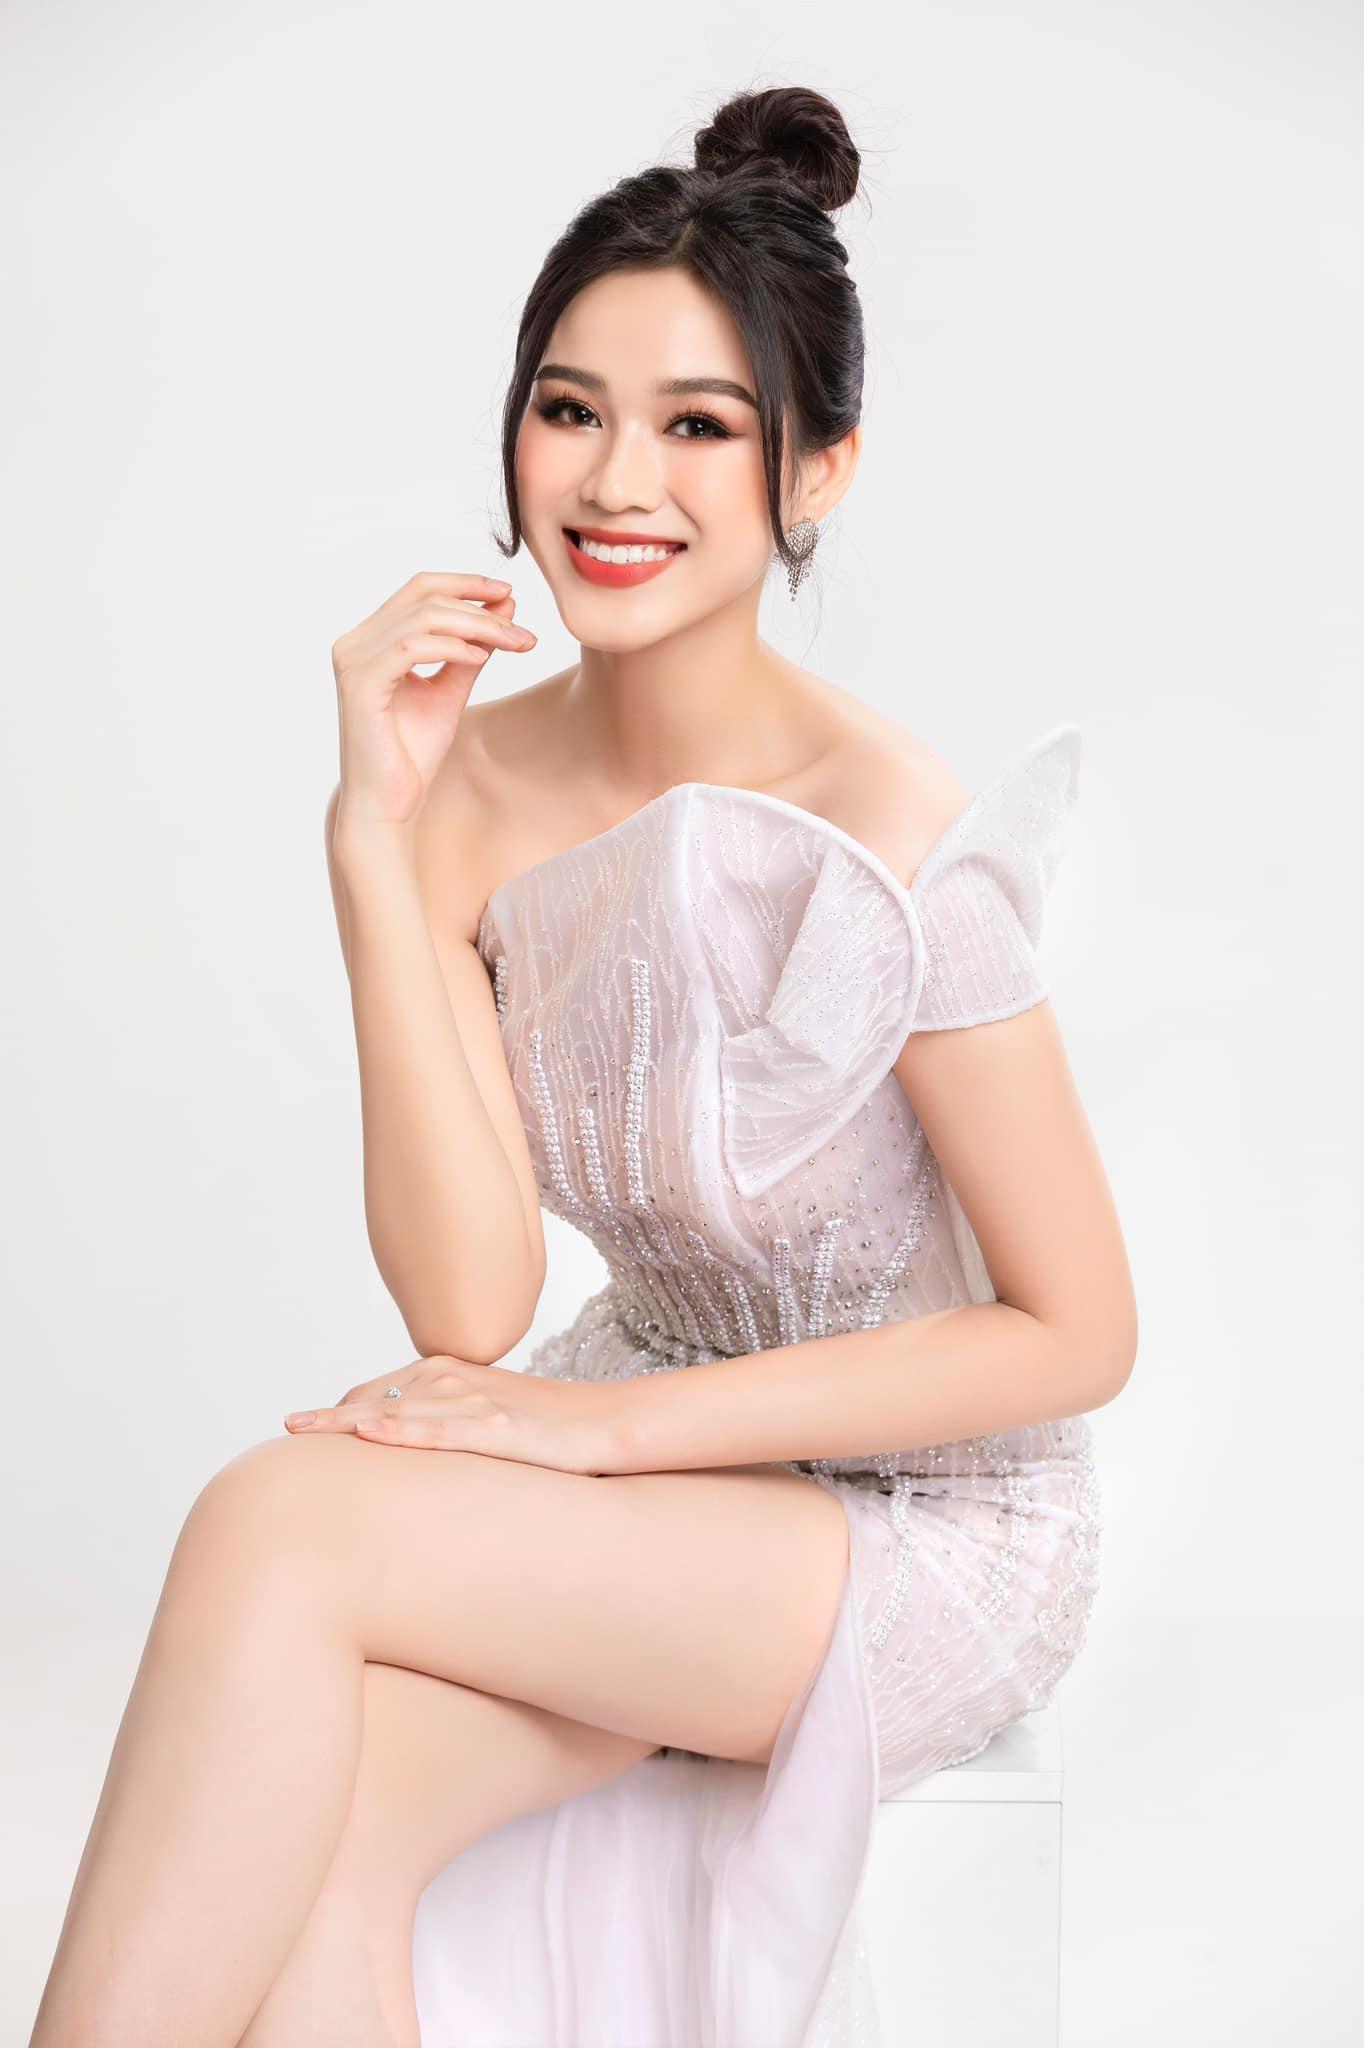 Đỗ Thị Hà sinh năm 2001, đang là sinh viên Đại học Kinh tế quốc dân. Cô  sở hữu chiều cao 1m75, số đo ba vòng 80-60-90 và đặc biệt là đôi chân dài 1m11